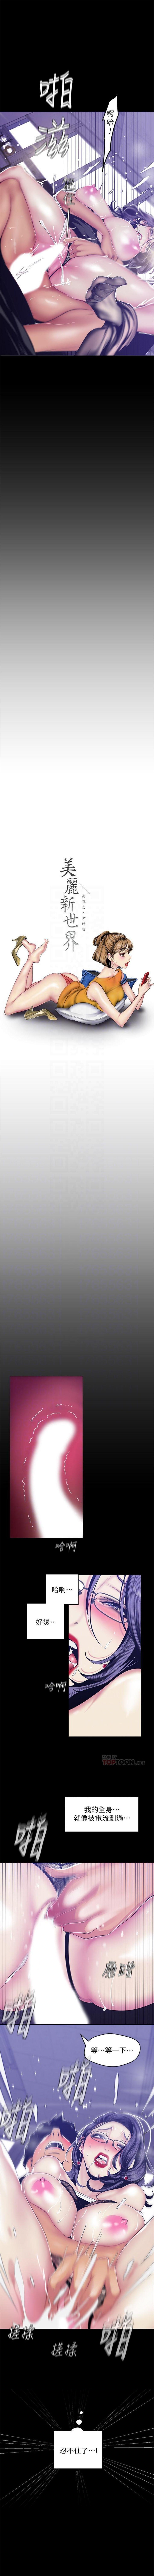 美麗新世界 1-85 官方中文(連載中) 693